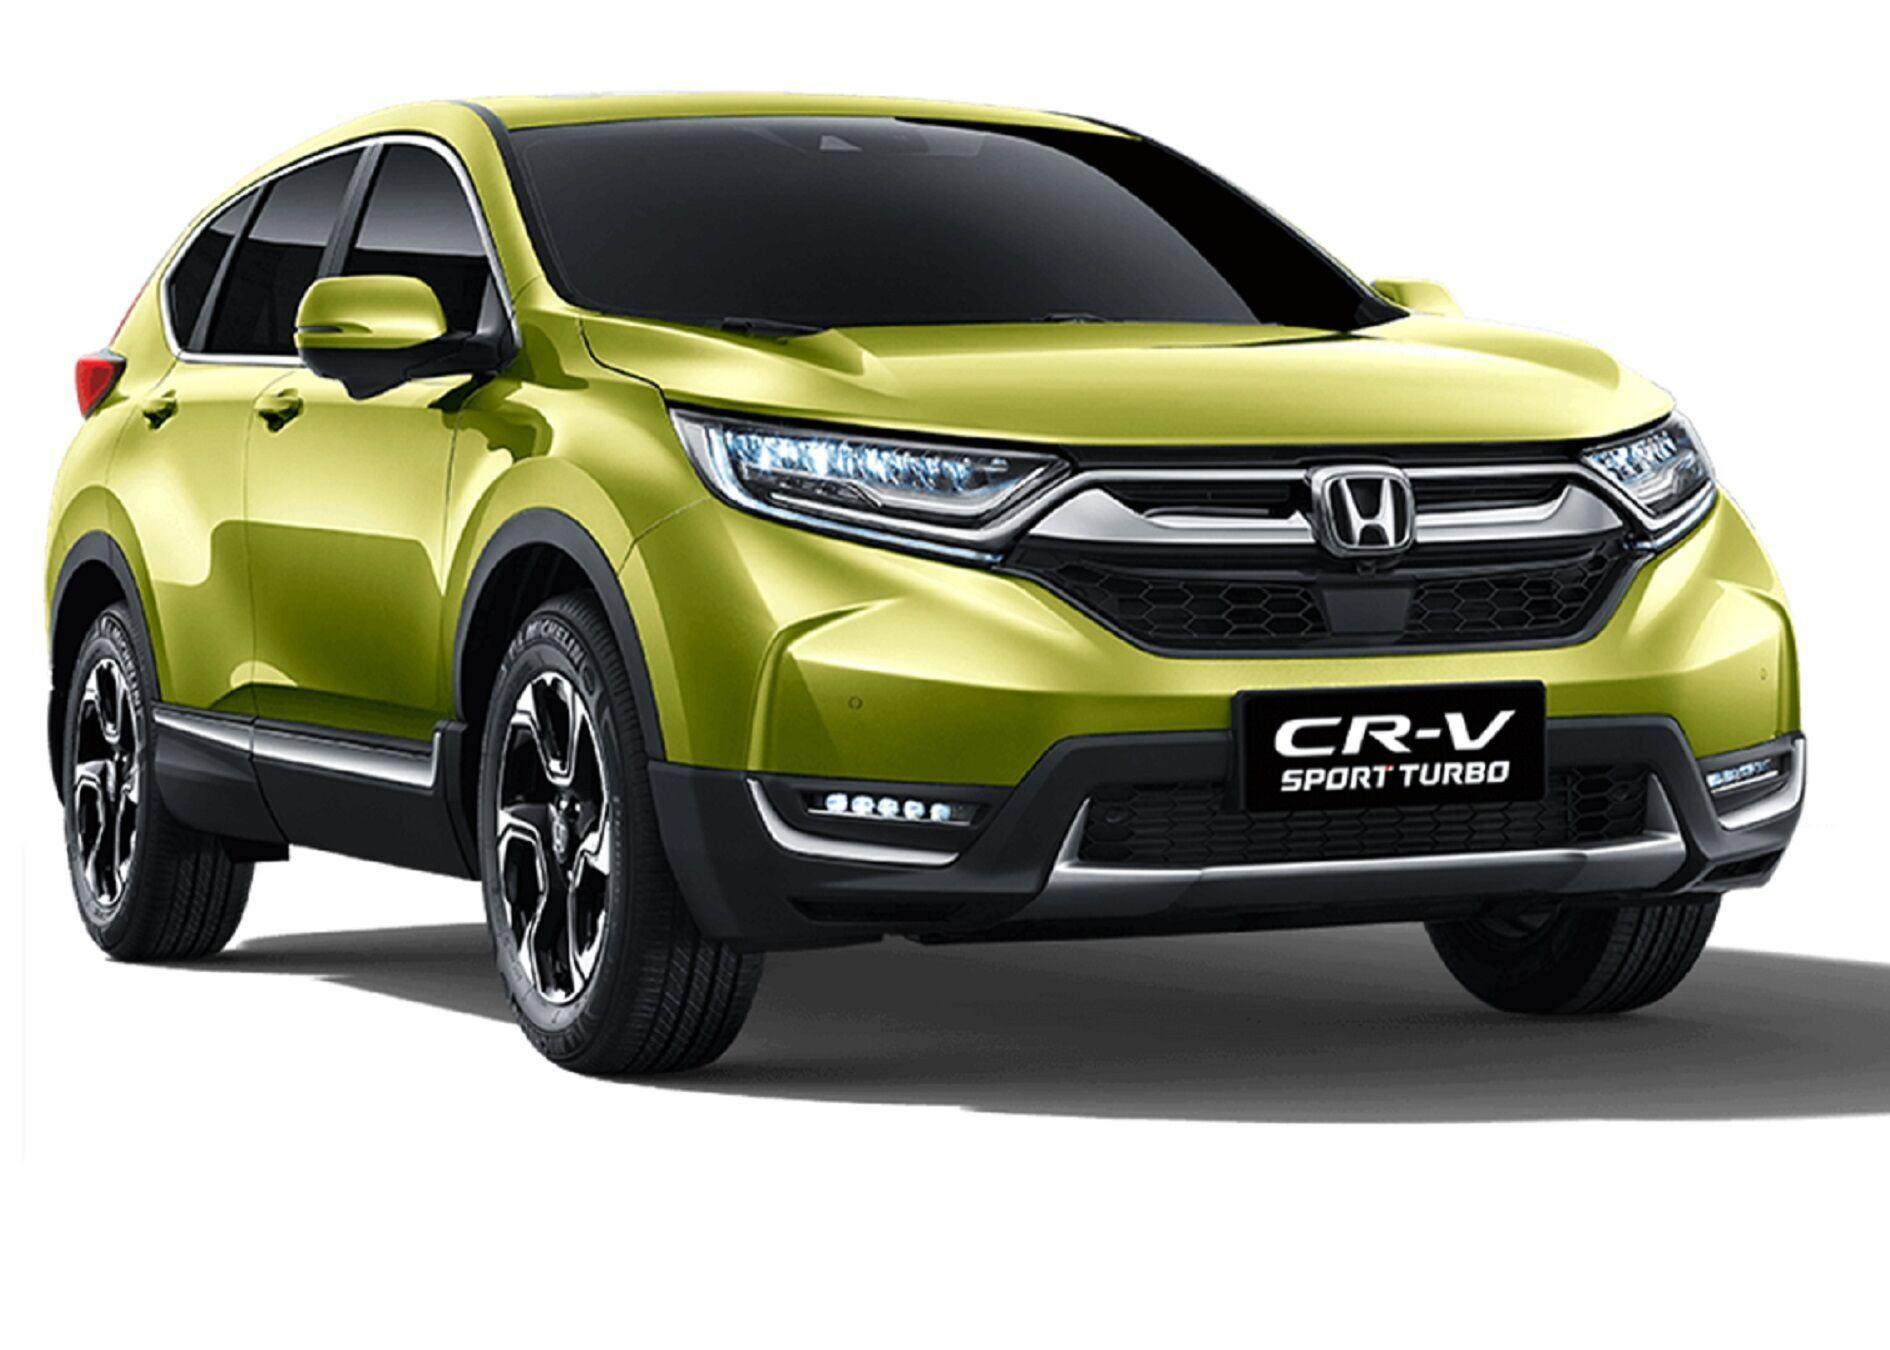 东风本田召回部分2018款CR-V 承诺发动机主要零部件终